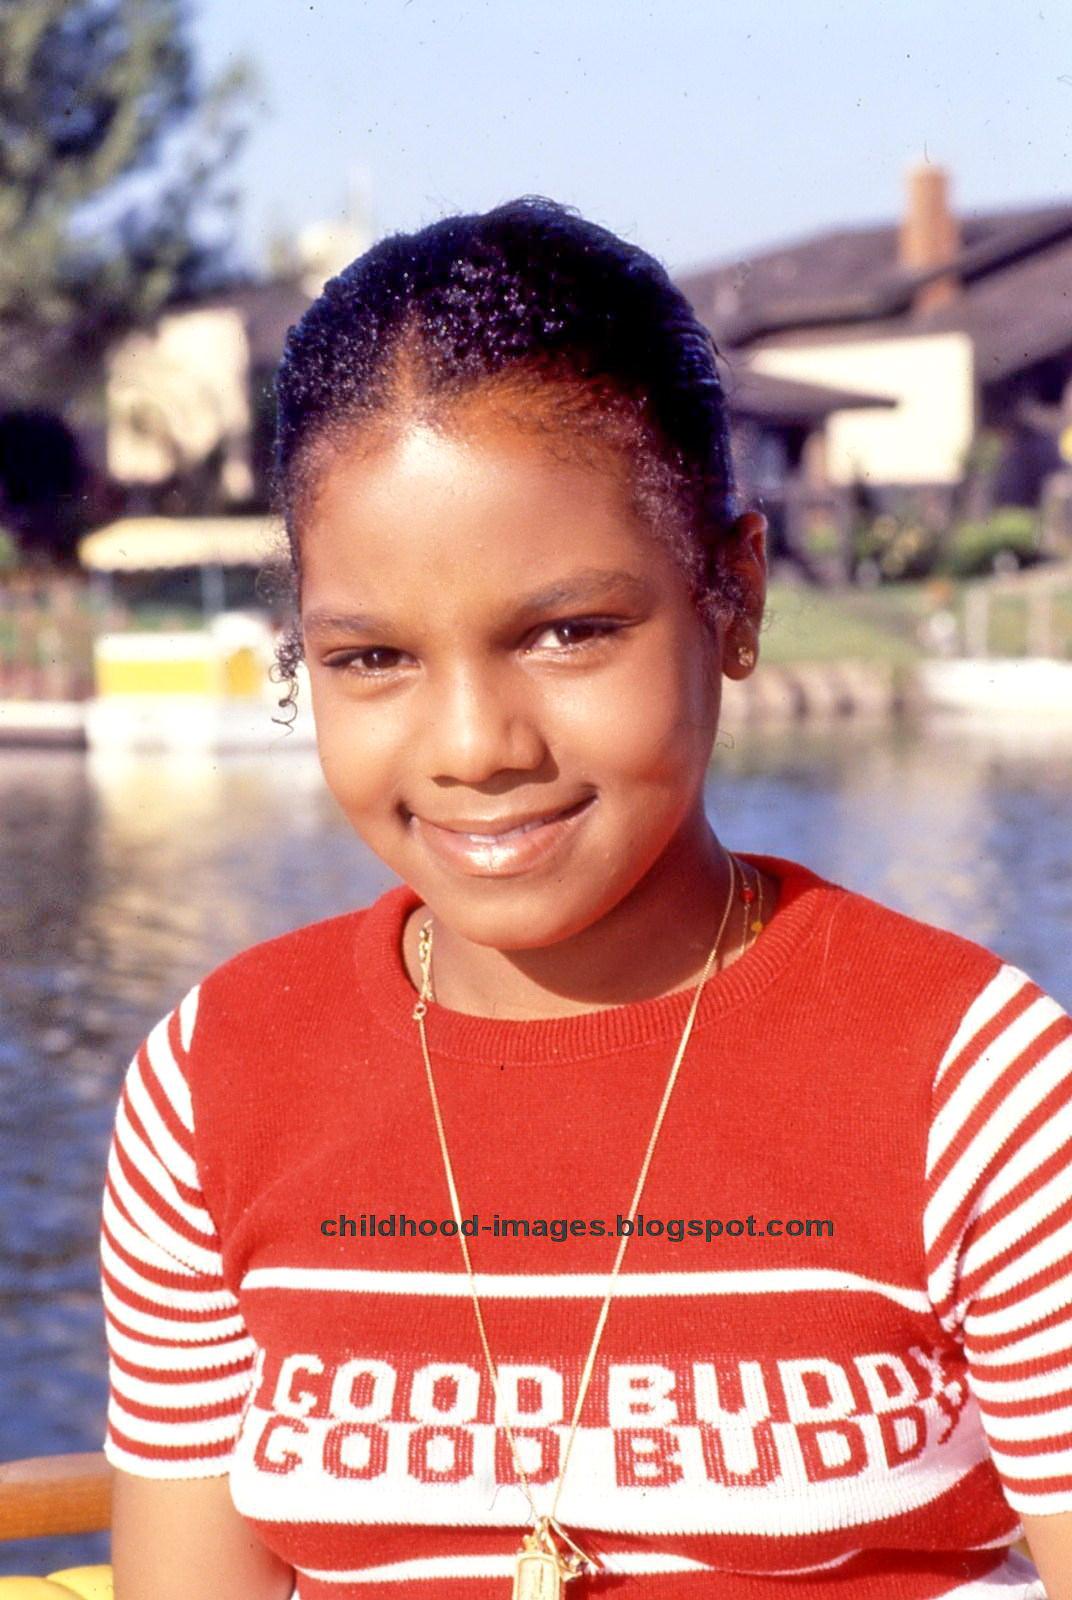 http://2.bp.blogspot.com/-EY7AdxbEeQ0/UHrR_9QdiCI/AAAAAAAAGDM/BIrDwqunRgk/s1600/janet_jackson_childhood_pictures-%7B3%7D.jpg